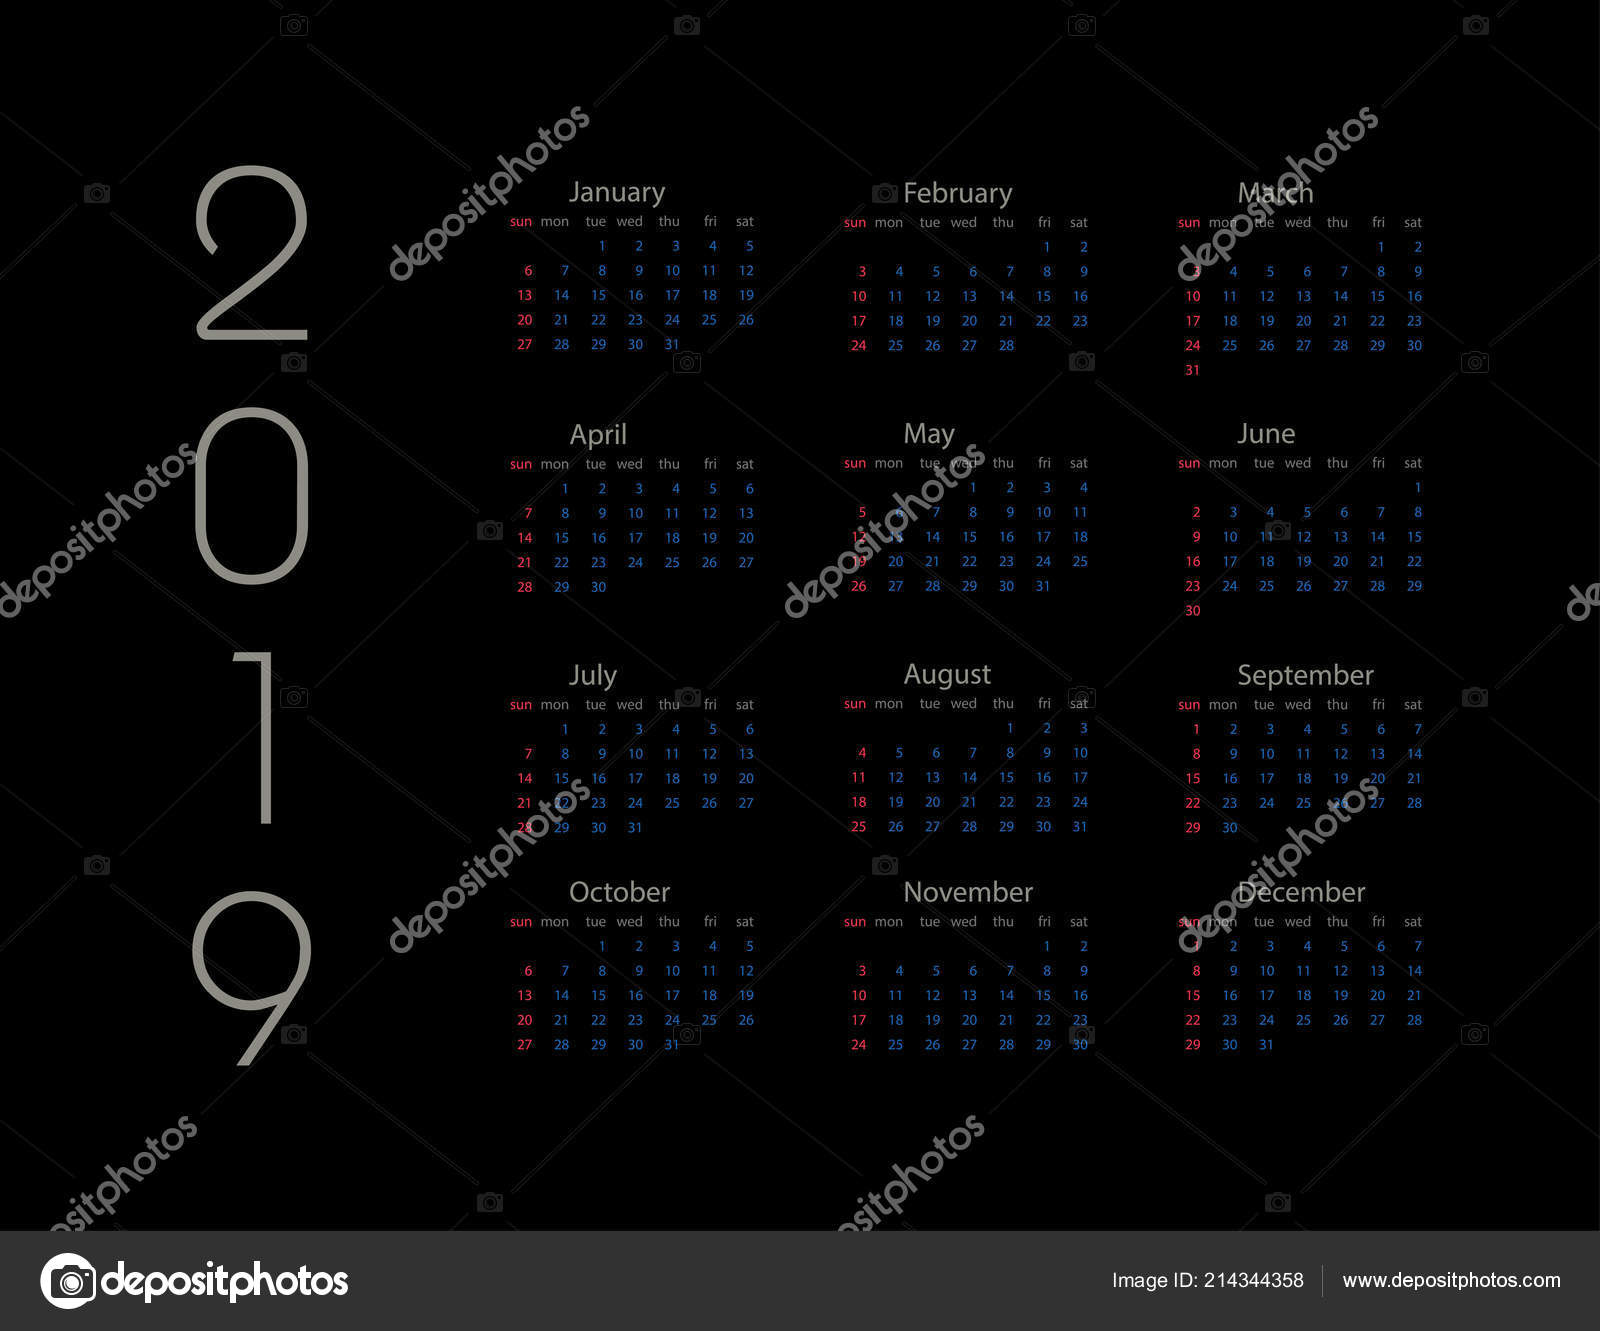 Calendario Giugno Luglio Agosto 2019.Anno 2019 Calendario Anno 2019 Modello Calendario Anno 2019